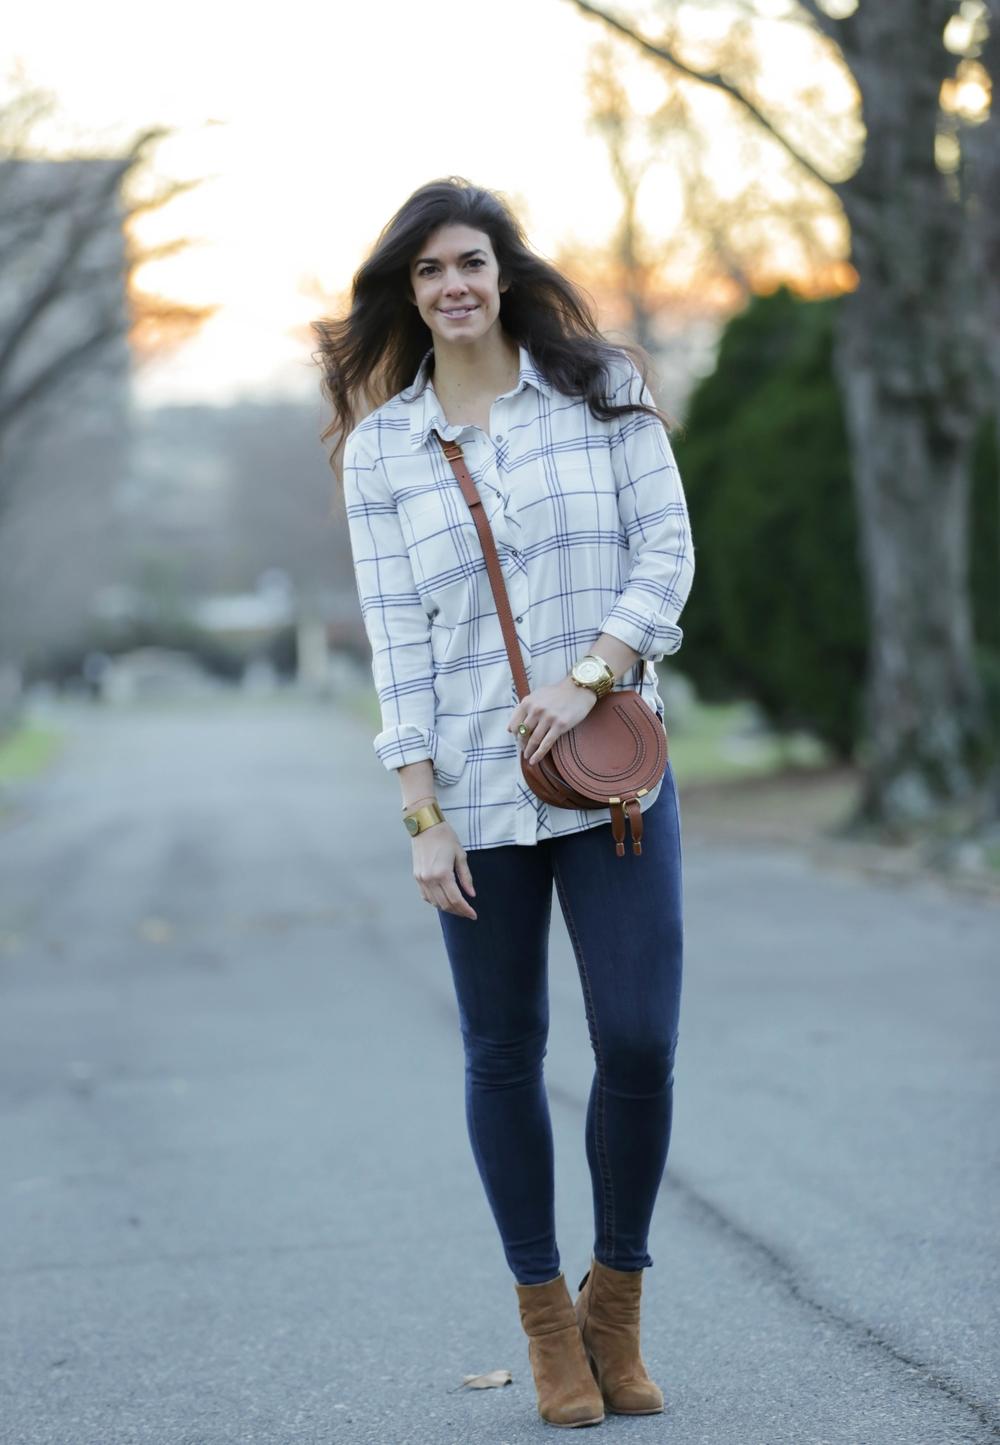 LaurenSchwaiger-life-style-blog-ootd-athleta-white-blue-button-down-flannel.jpg